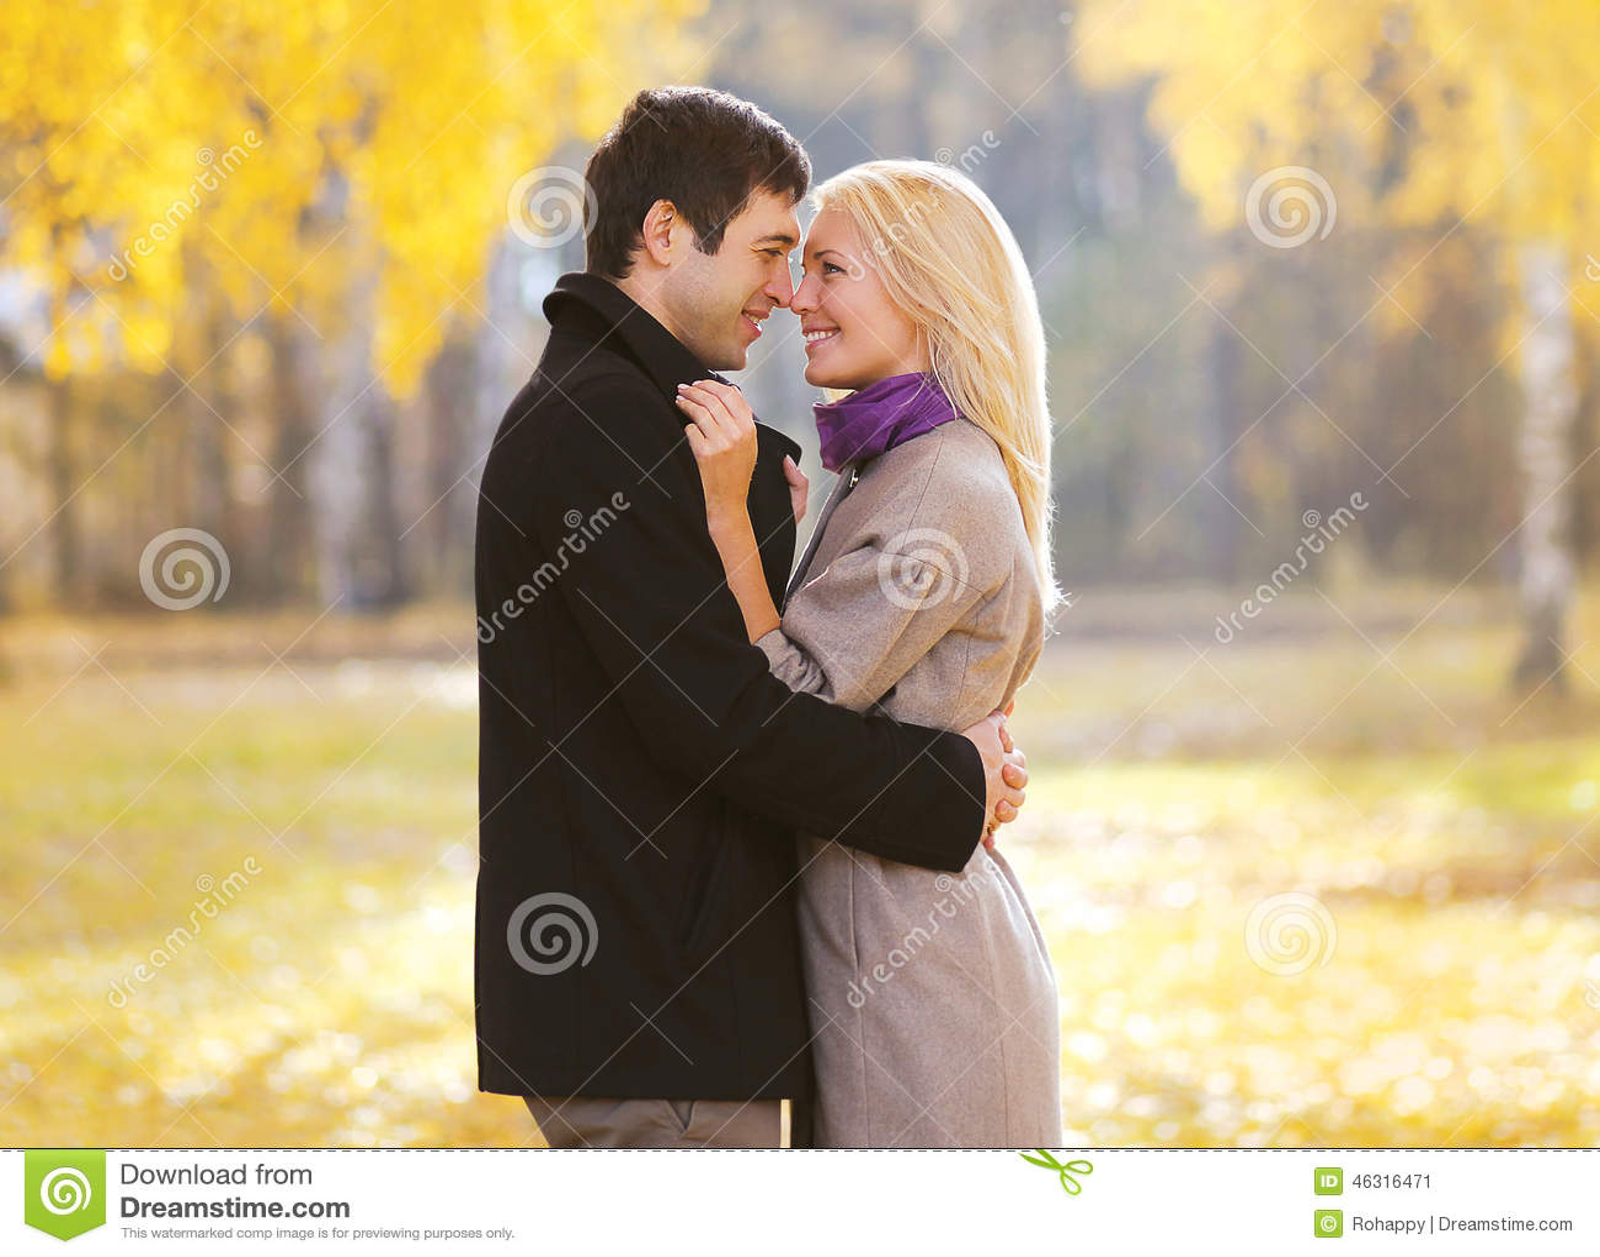 Automne, amour, relations et concept de personnes - beau couple